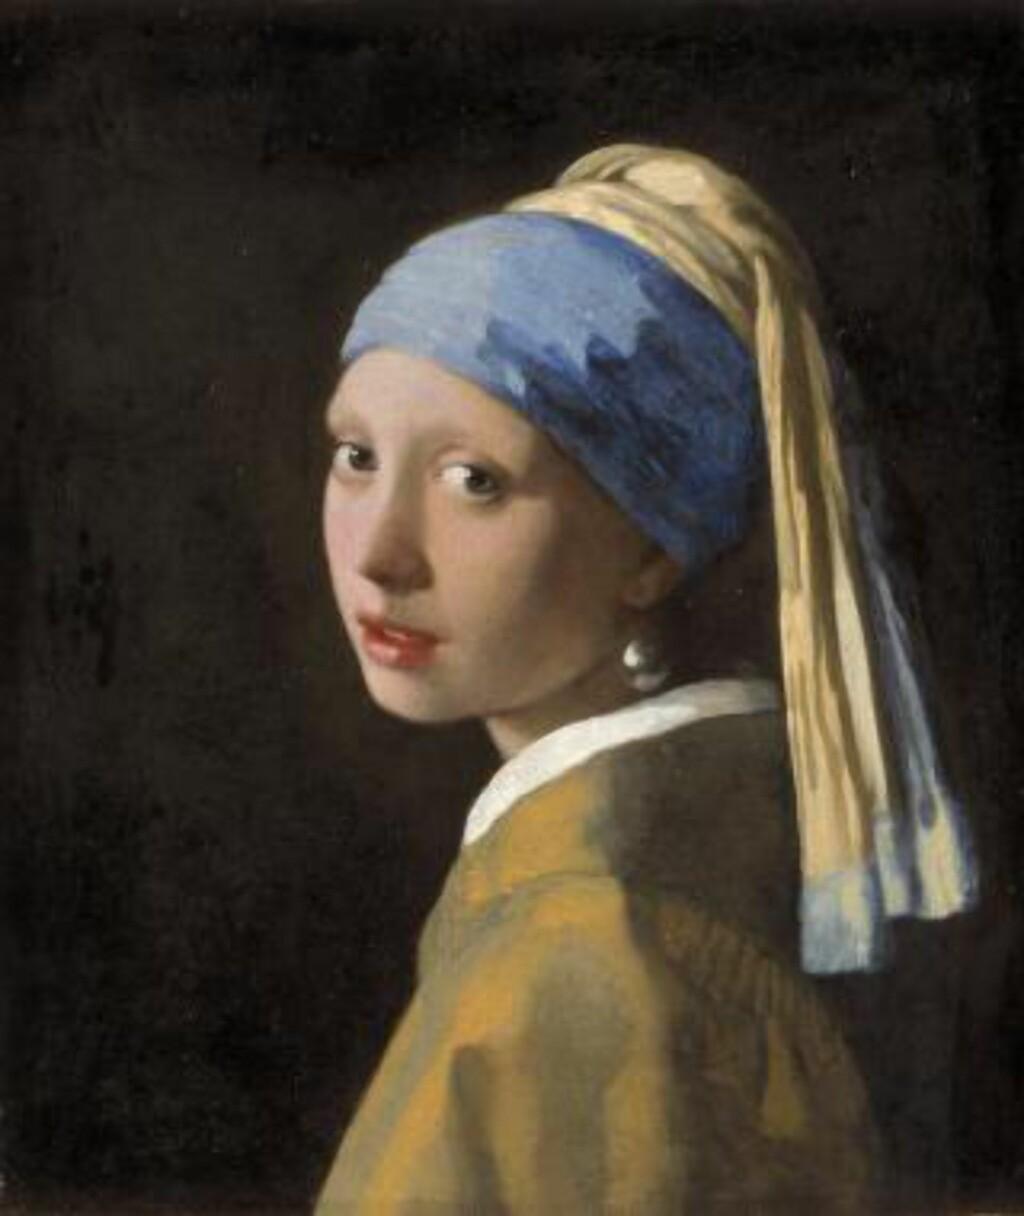 BERØMT PIKE: Johannes Vermeers maleri  «Pike med perleøredobb» malt i cirka 1665, ble både bok og film. Maleriet tilhører Mauritshuis-samlingen. Foto: MAURITSHUIS